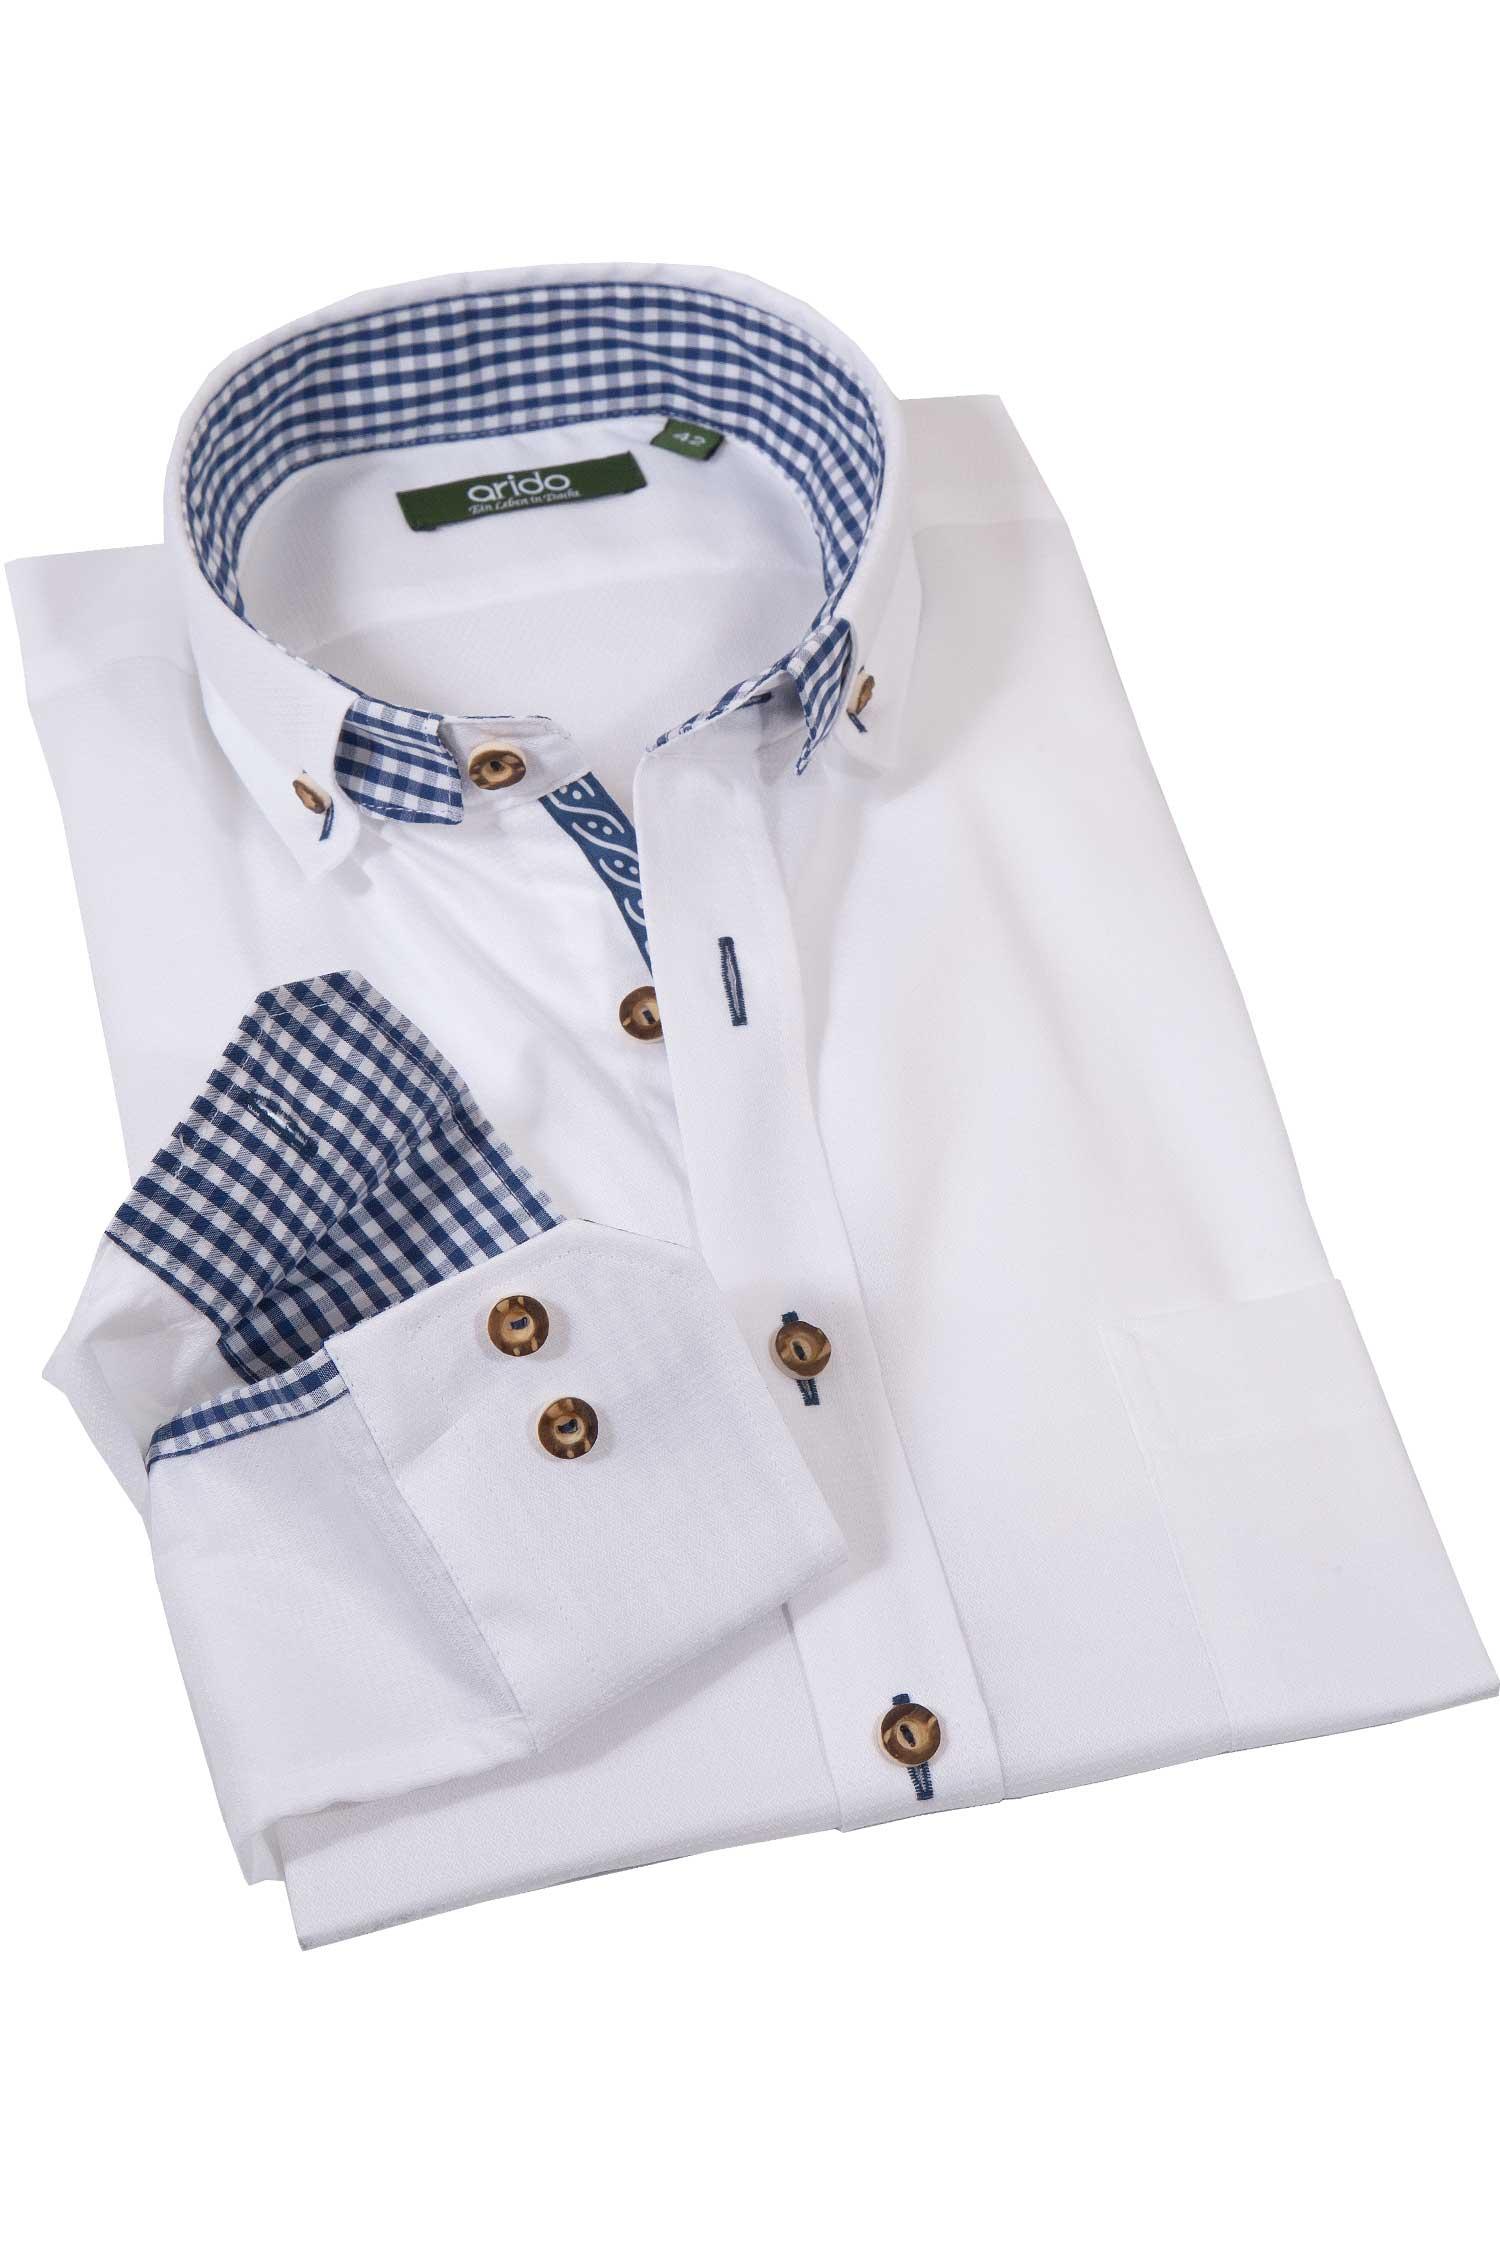 Trachtenhemd edel weiß mit blau von arido   Wirkes e434555b64